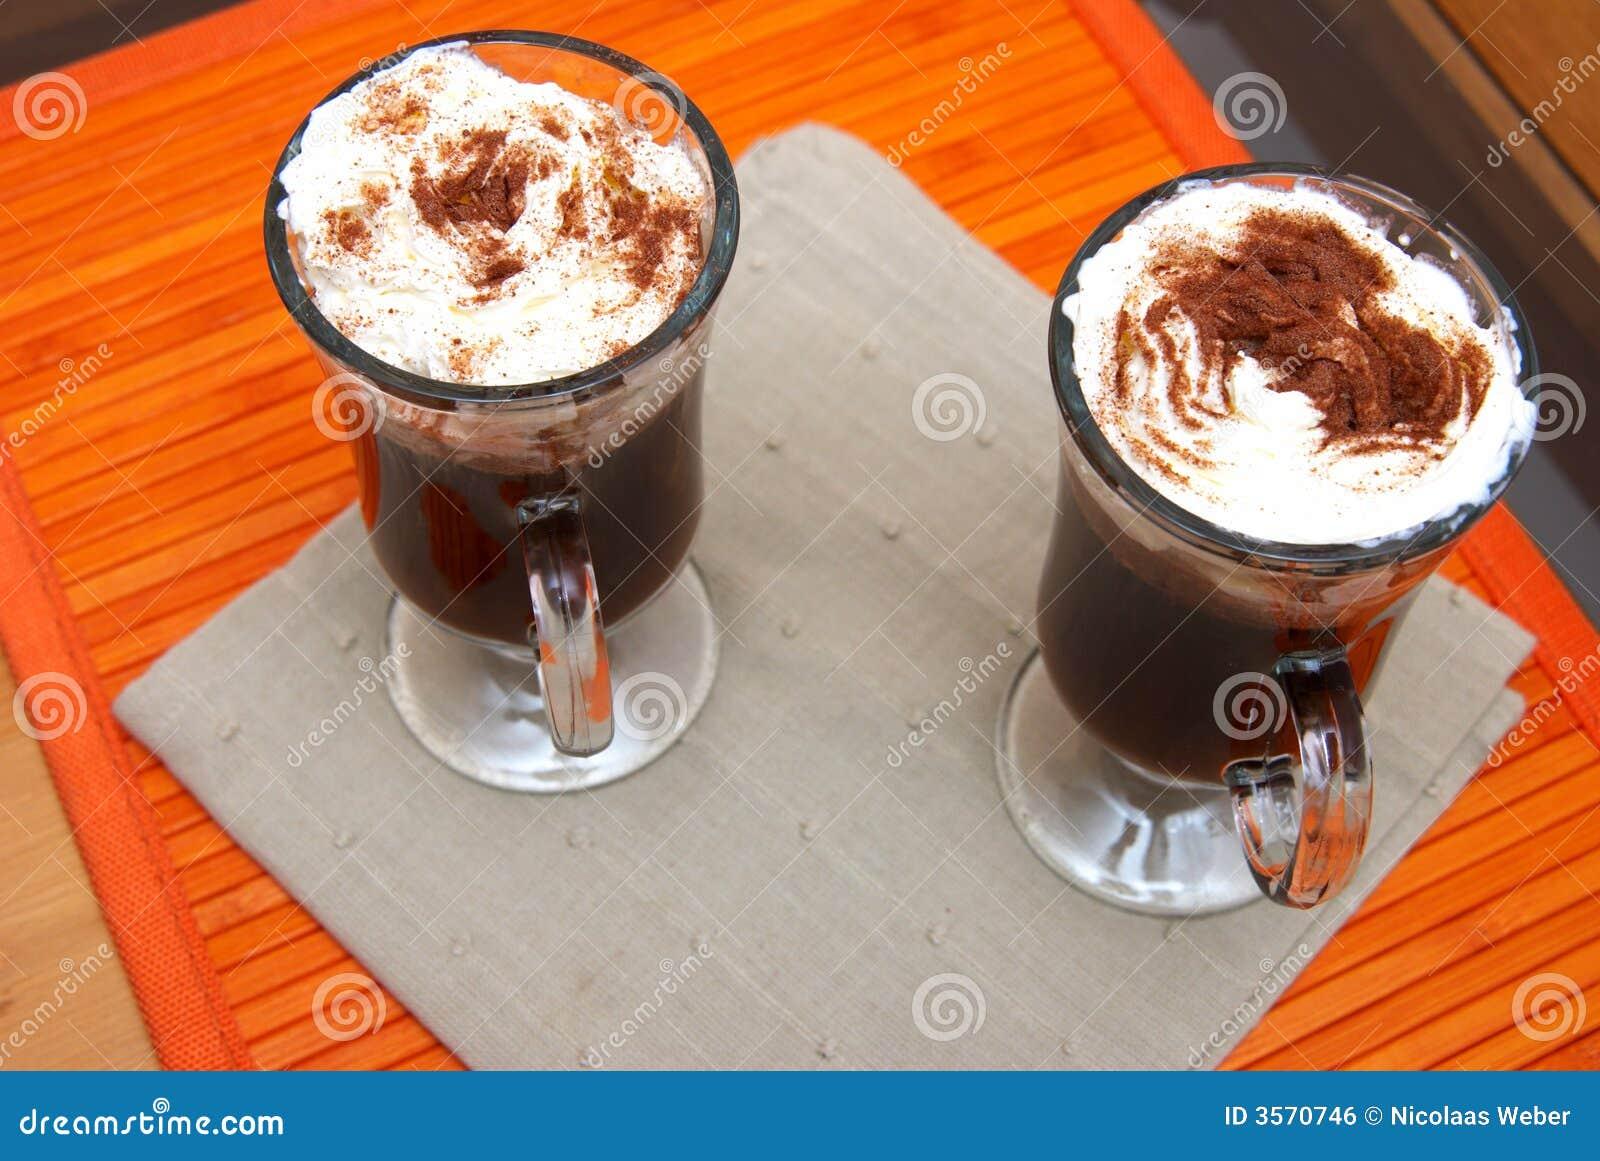 Due tazze di caffè con crema